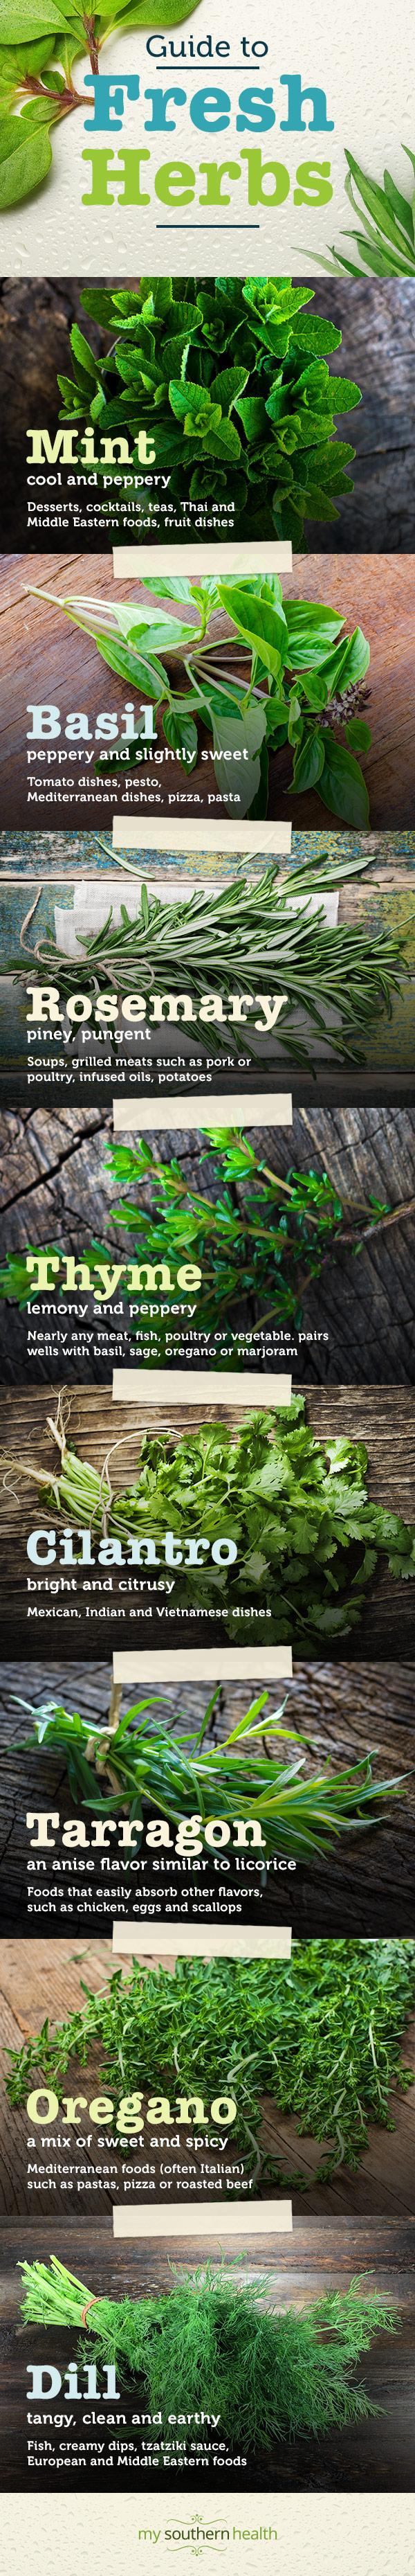 MSH-Summer-Herbs-Pinterest-IM-MK-V1